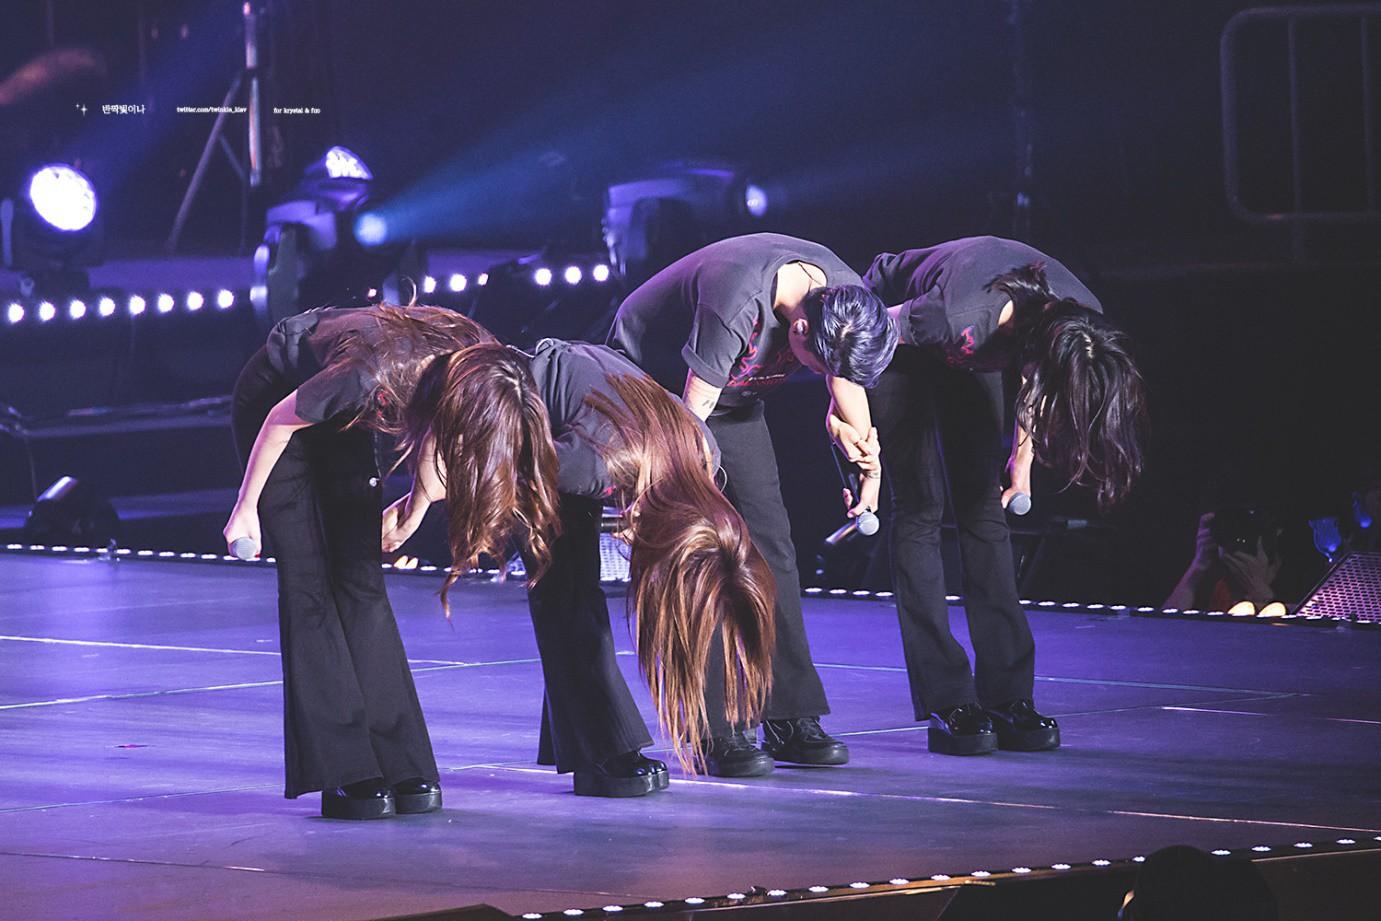 Những ca sĩ, nhóm nhạc Kpop khốn đốn vì bị công ty quản lí bỏ bê - Ảnh 7.